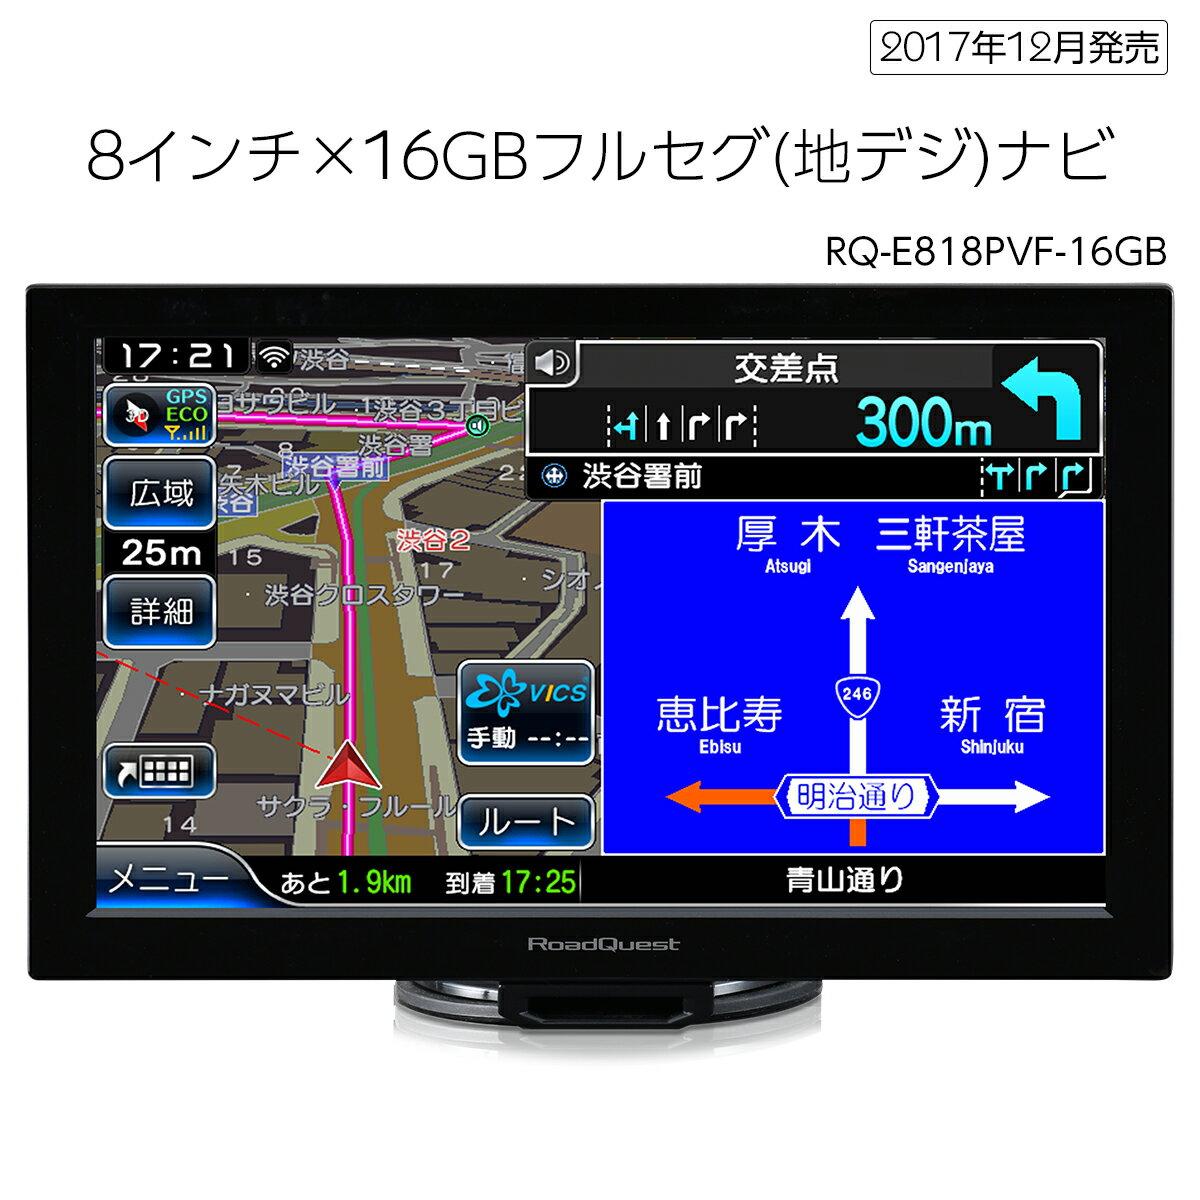 8インチ×16GBフルセグ(地デジ)ポータブルナビ 2017年春版ゼンリン地図データ VICS渋滞対応 RoadQuestポータブルナビ「RQ-E818PVF-16GB」